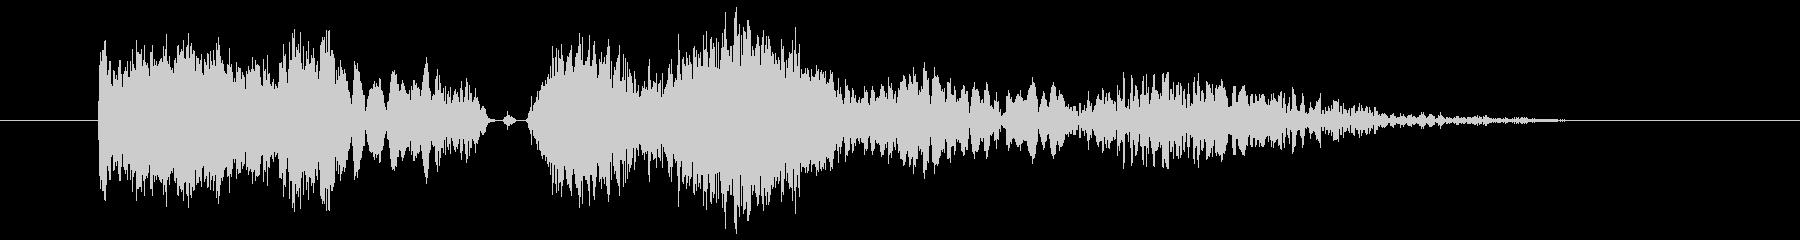 抽象スクラッチ遷移2の未再生の波形